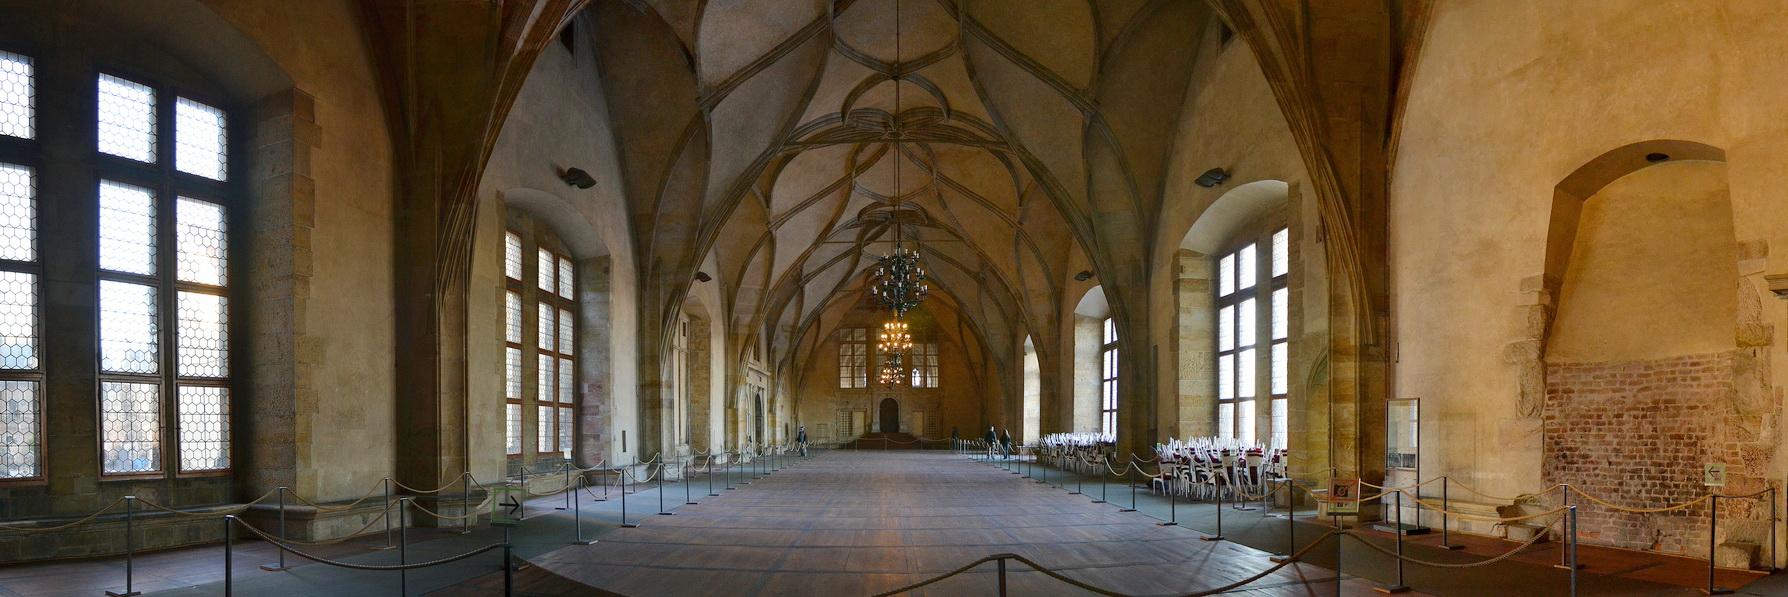 Владиславский зал